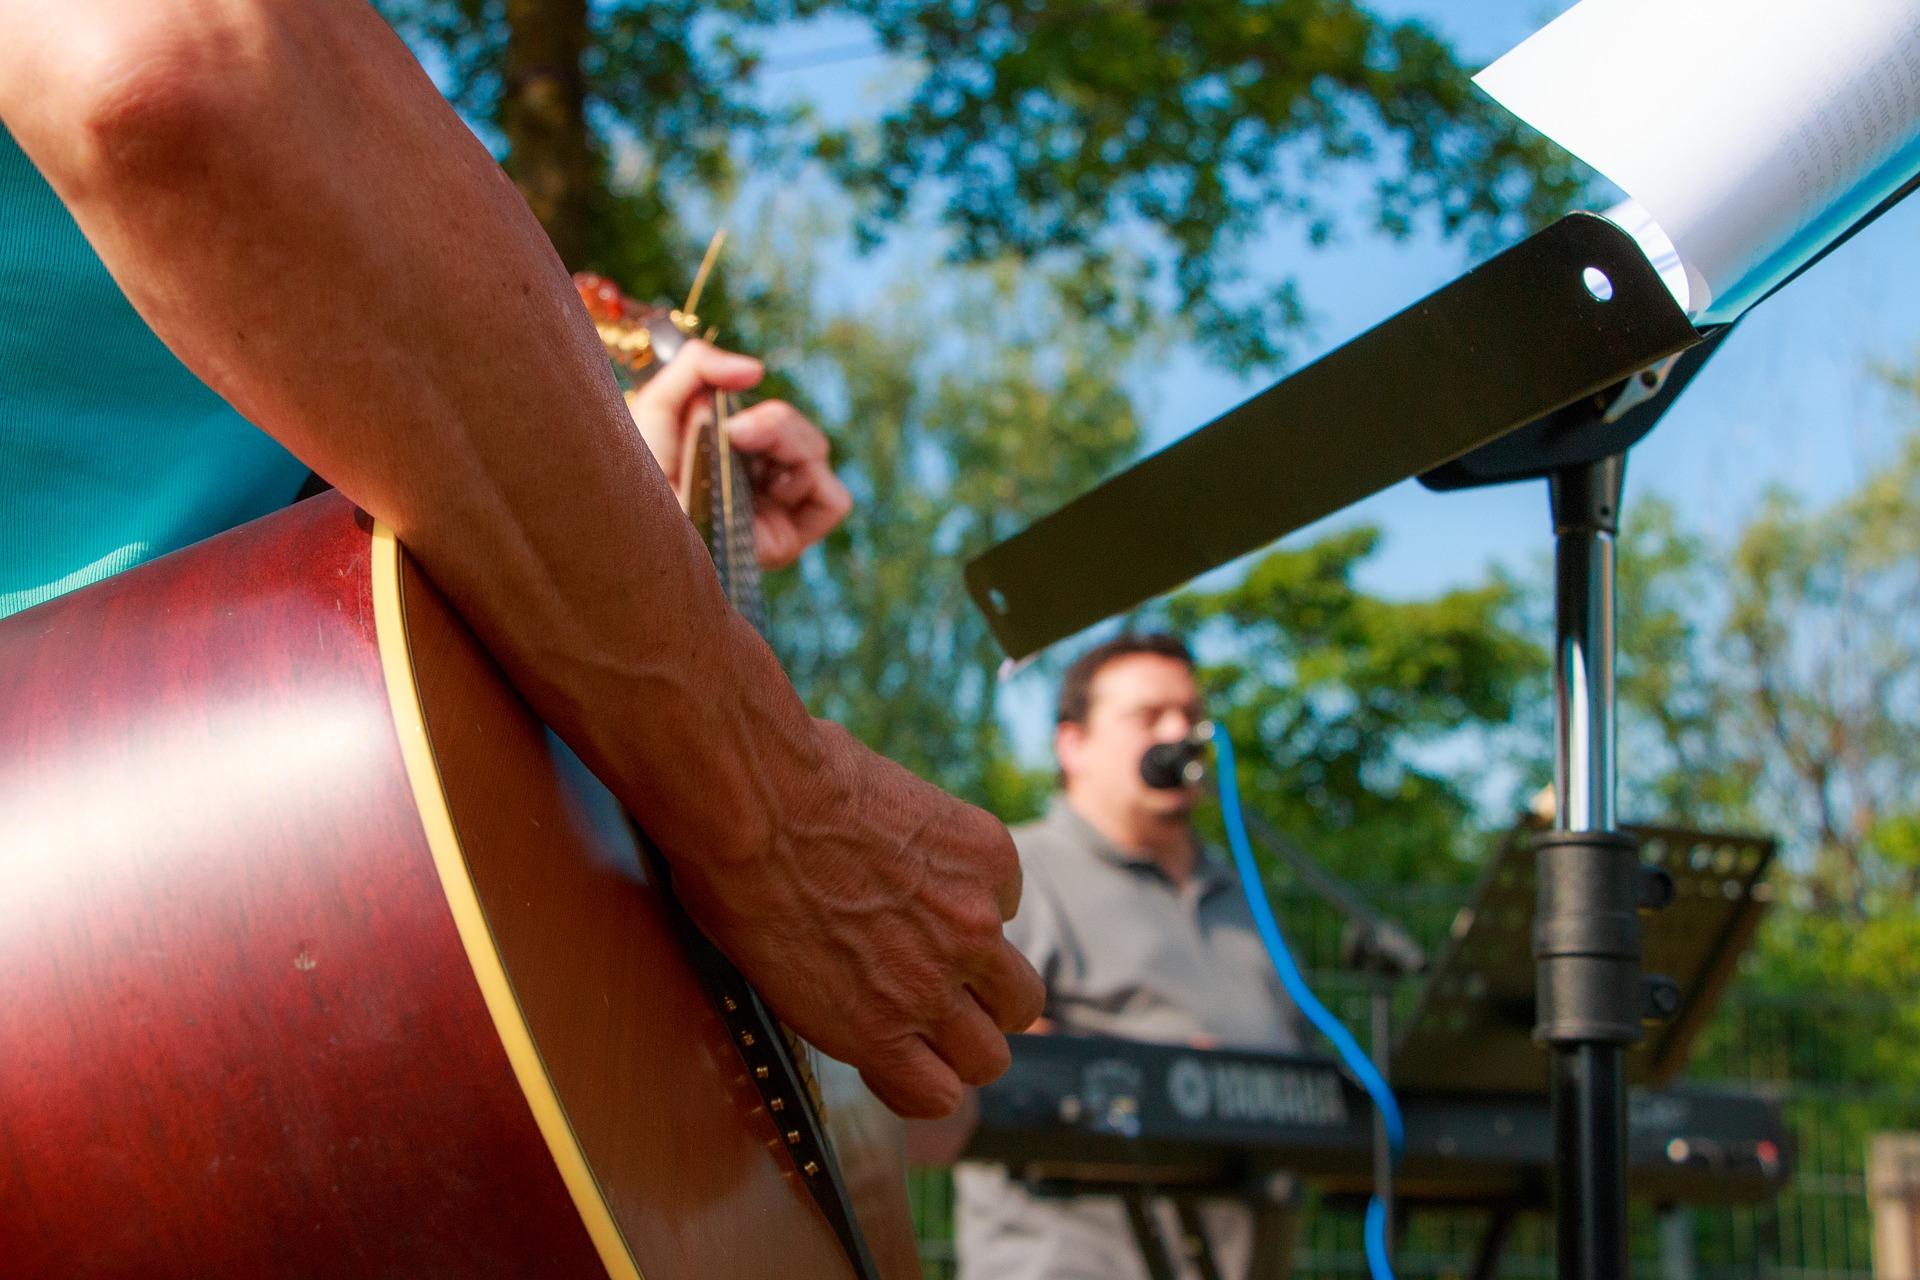 Outdoor concert hampton roads